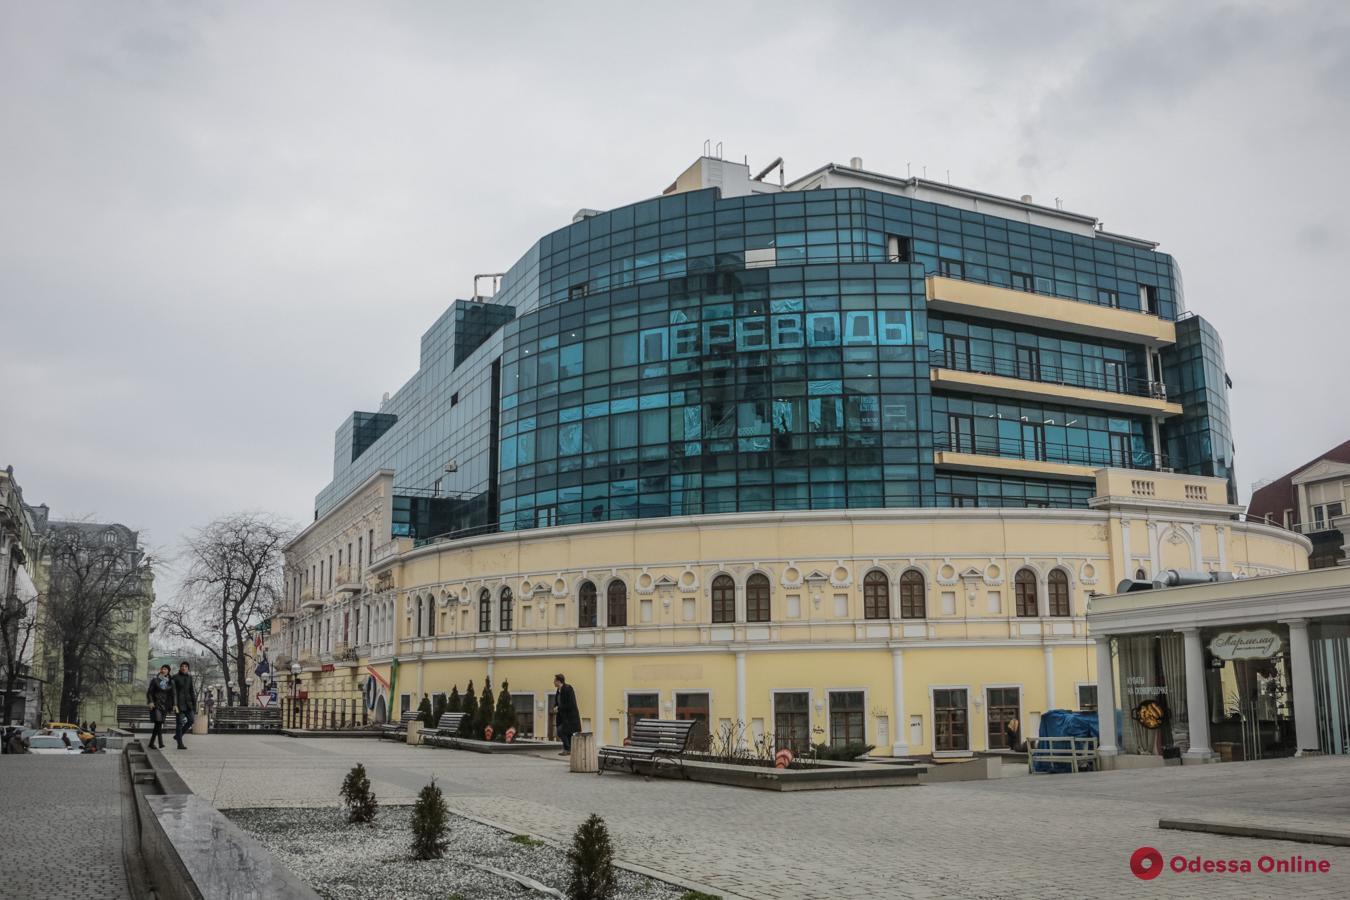 Четвертое за вечер: полиция ищет взрывчатку в ТЦ «Галерея Афины»